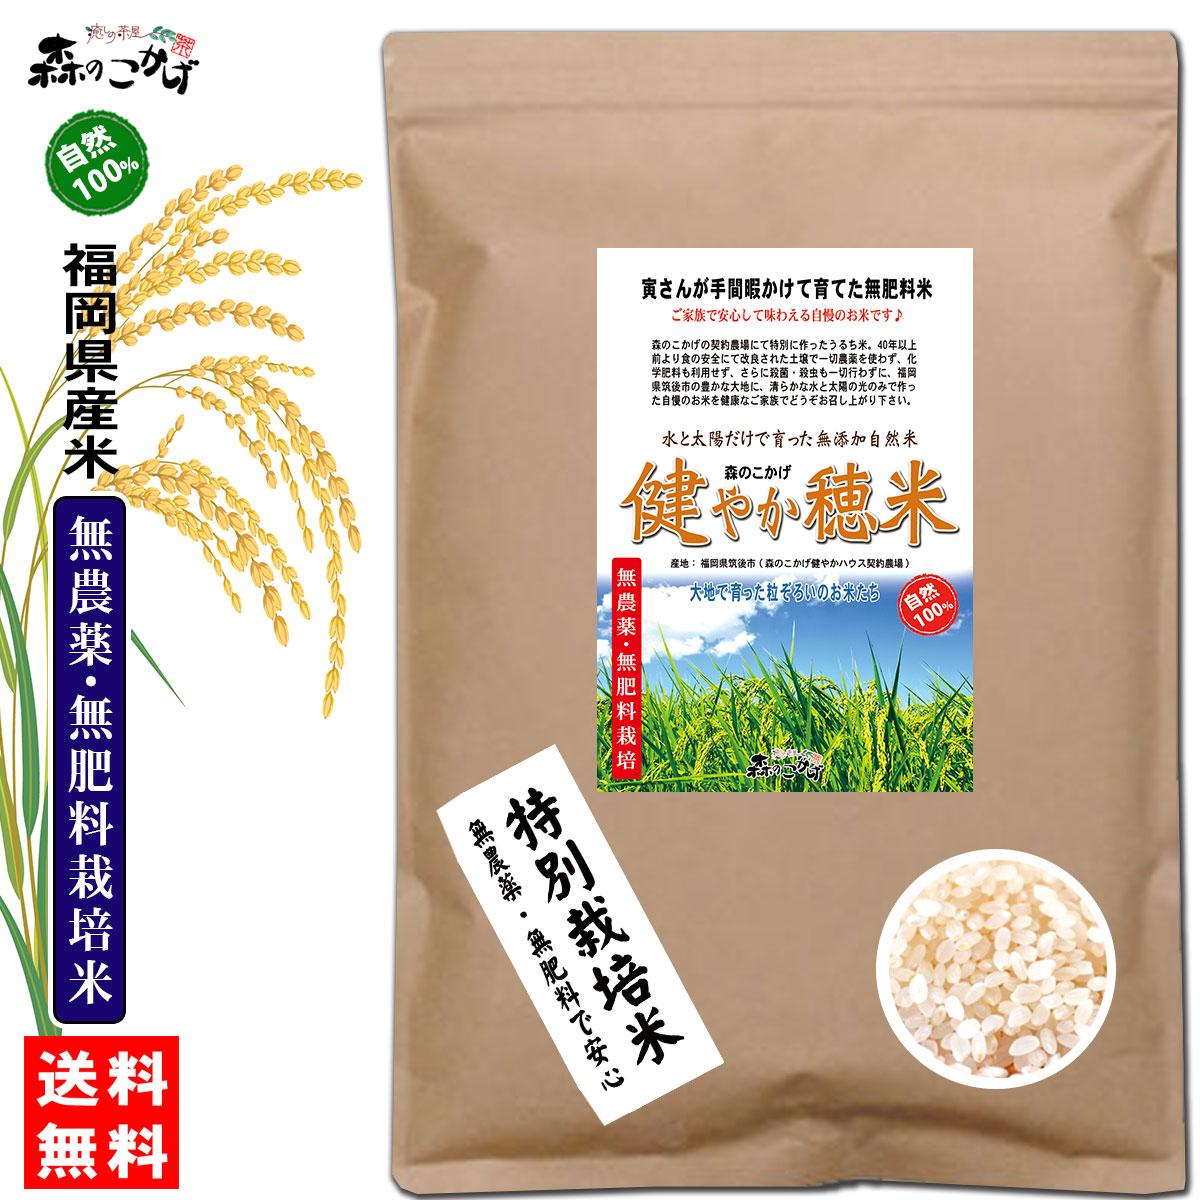 自然栽培米 健やか穂米 セール商品 1kg 送料無料 森のこかげ 1kg 白米 玄米 予約販売 無農薬 無肥料米